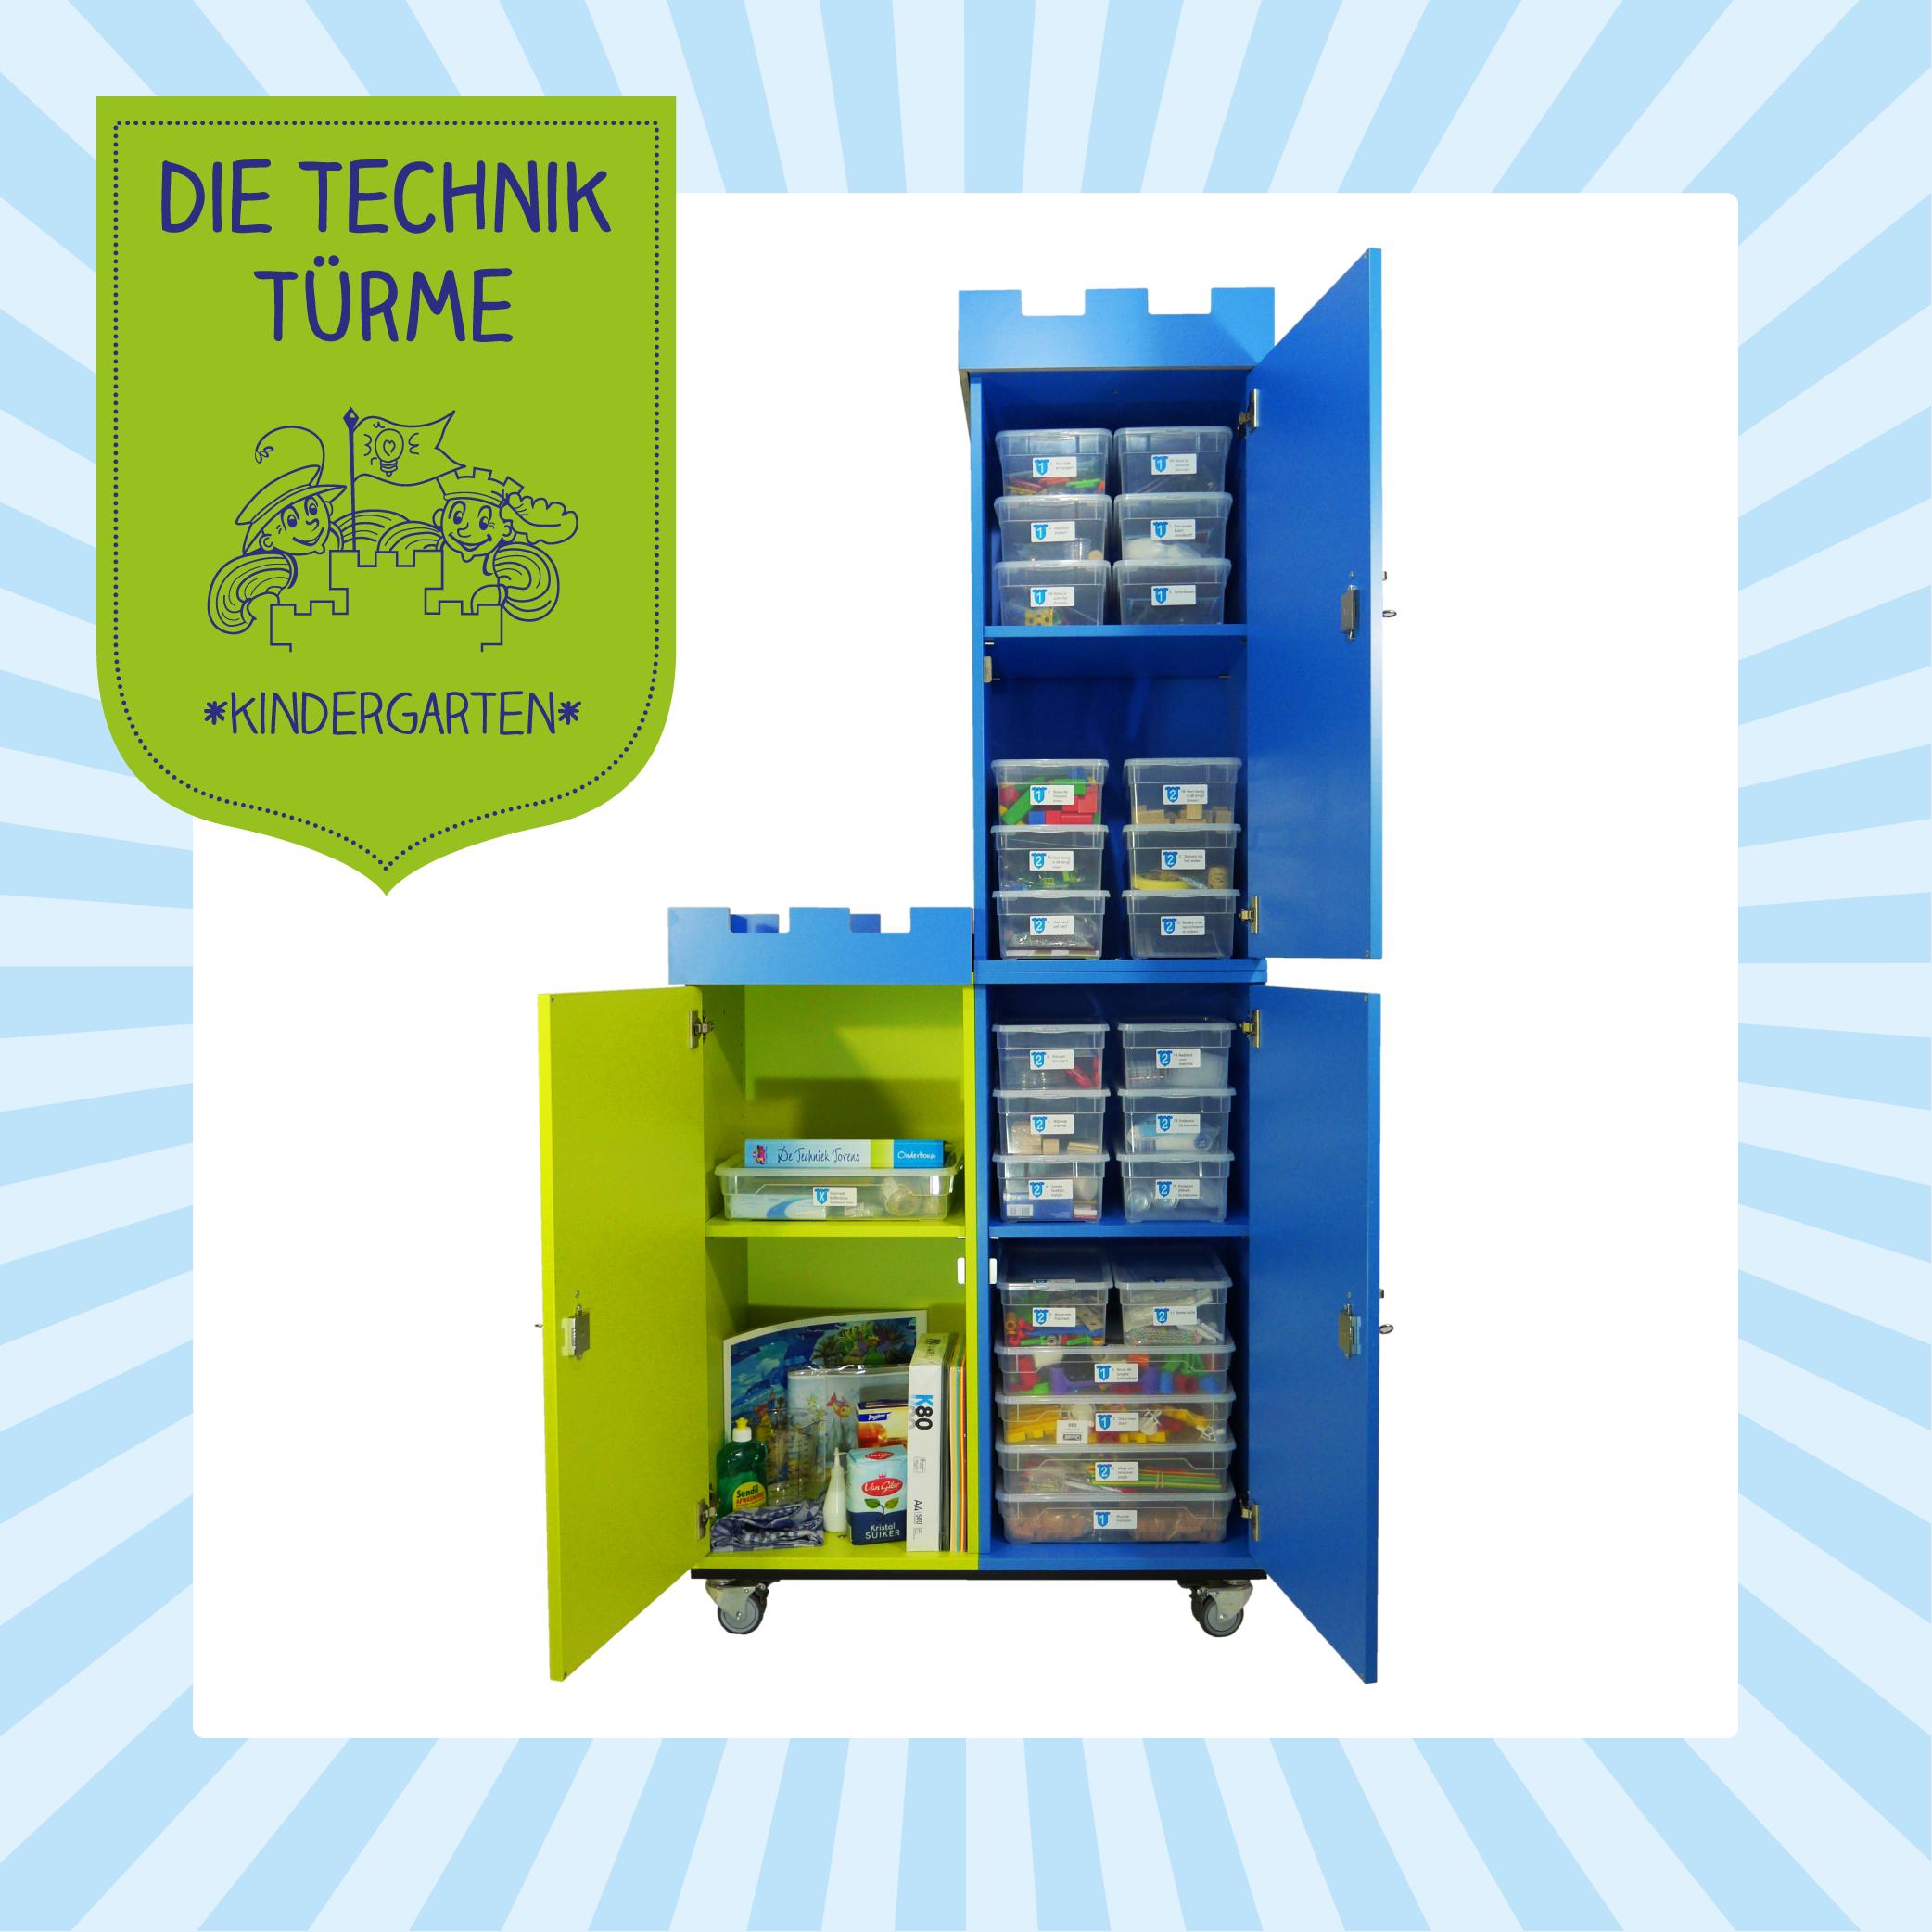 Materialwagen mit Experimentierkästen und Technik-Baukästen für Kindergarten und Vorschule von Technik Türme bestellen.